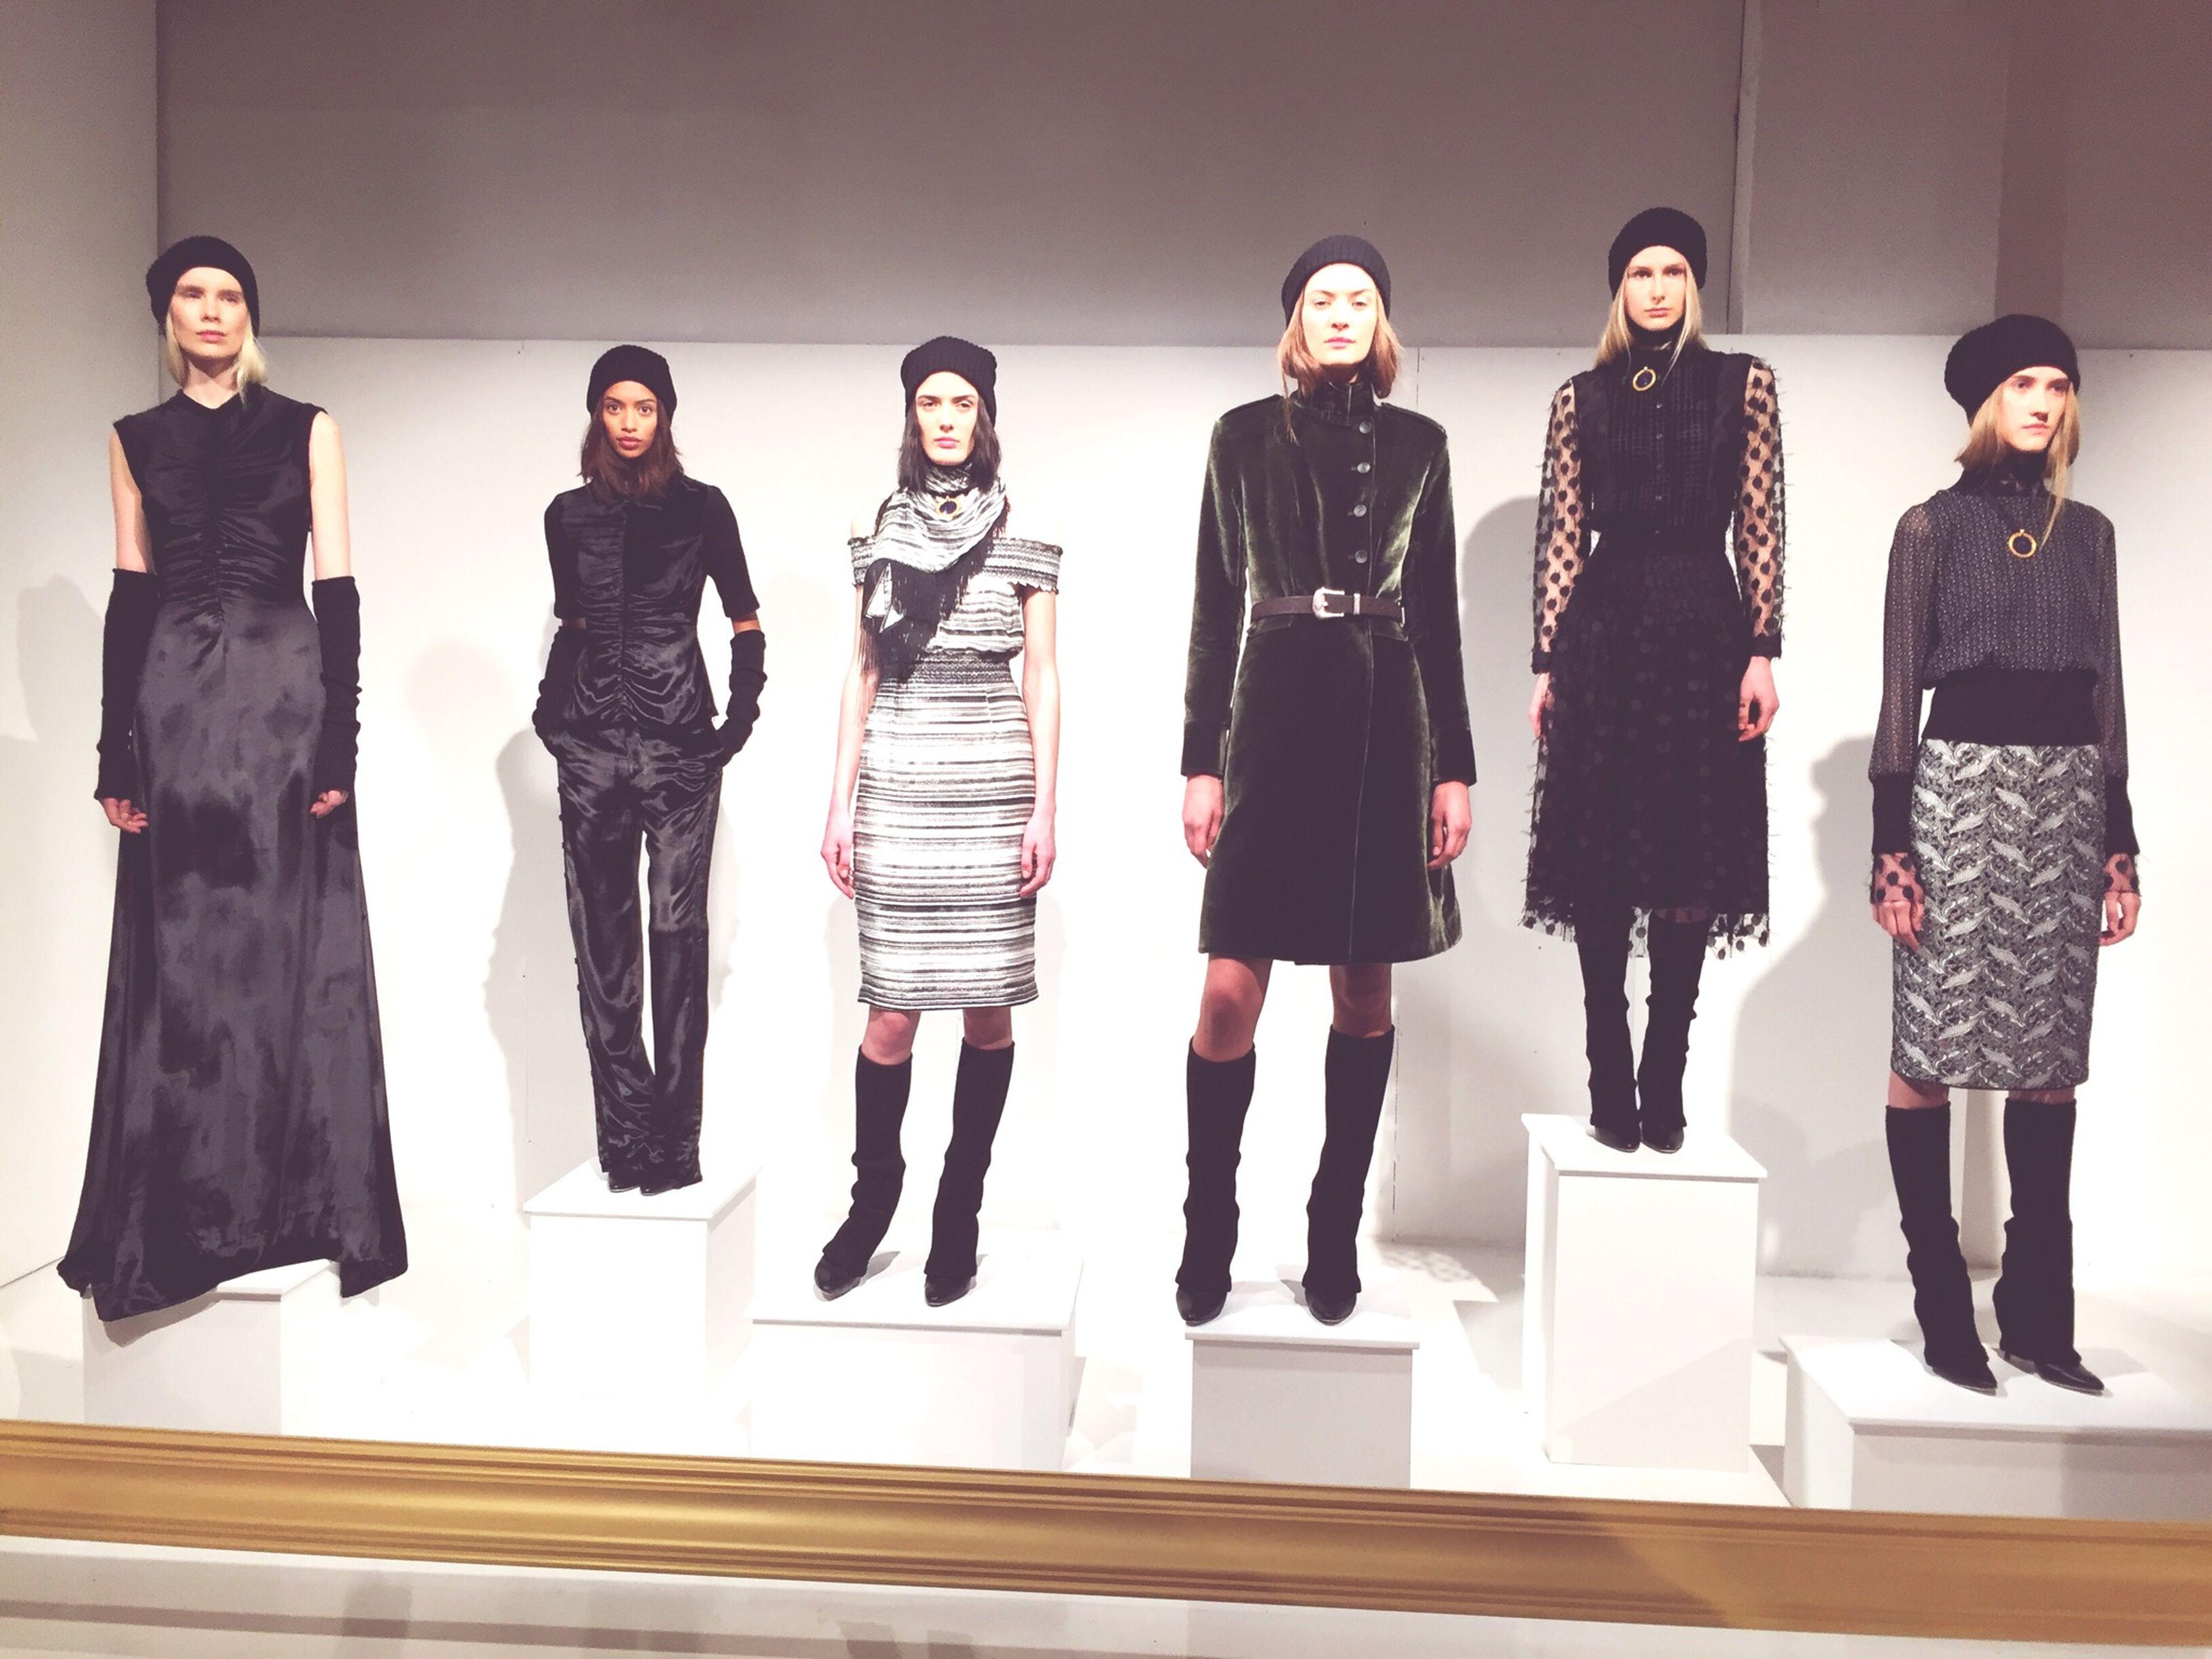 Fashionweeknyc Hanleyxprado Hanley Hanleynyc Women Fashion Newyorkcity